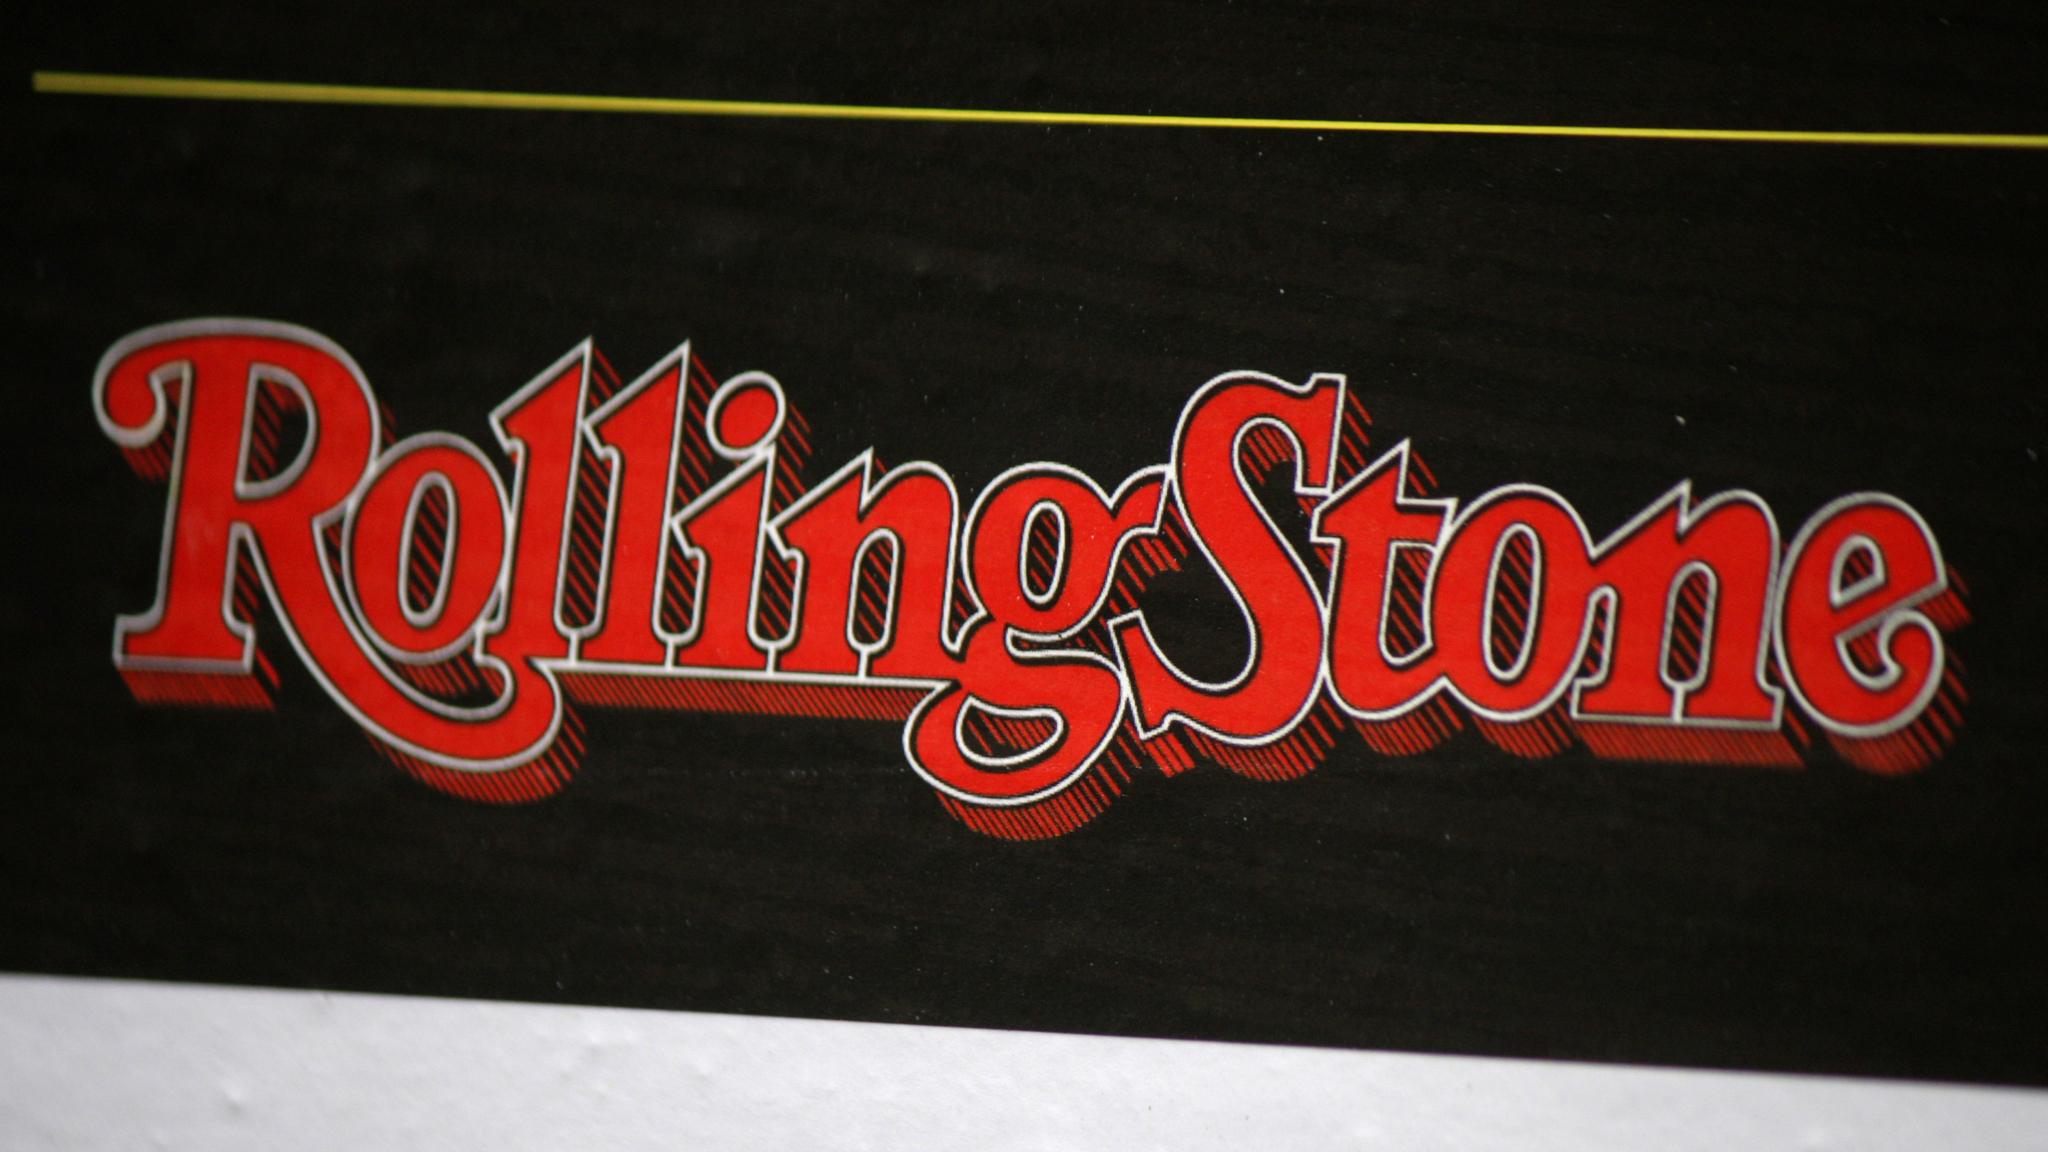 Rolling Stone огласил список 100 лучших альбомов этого десятилетия